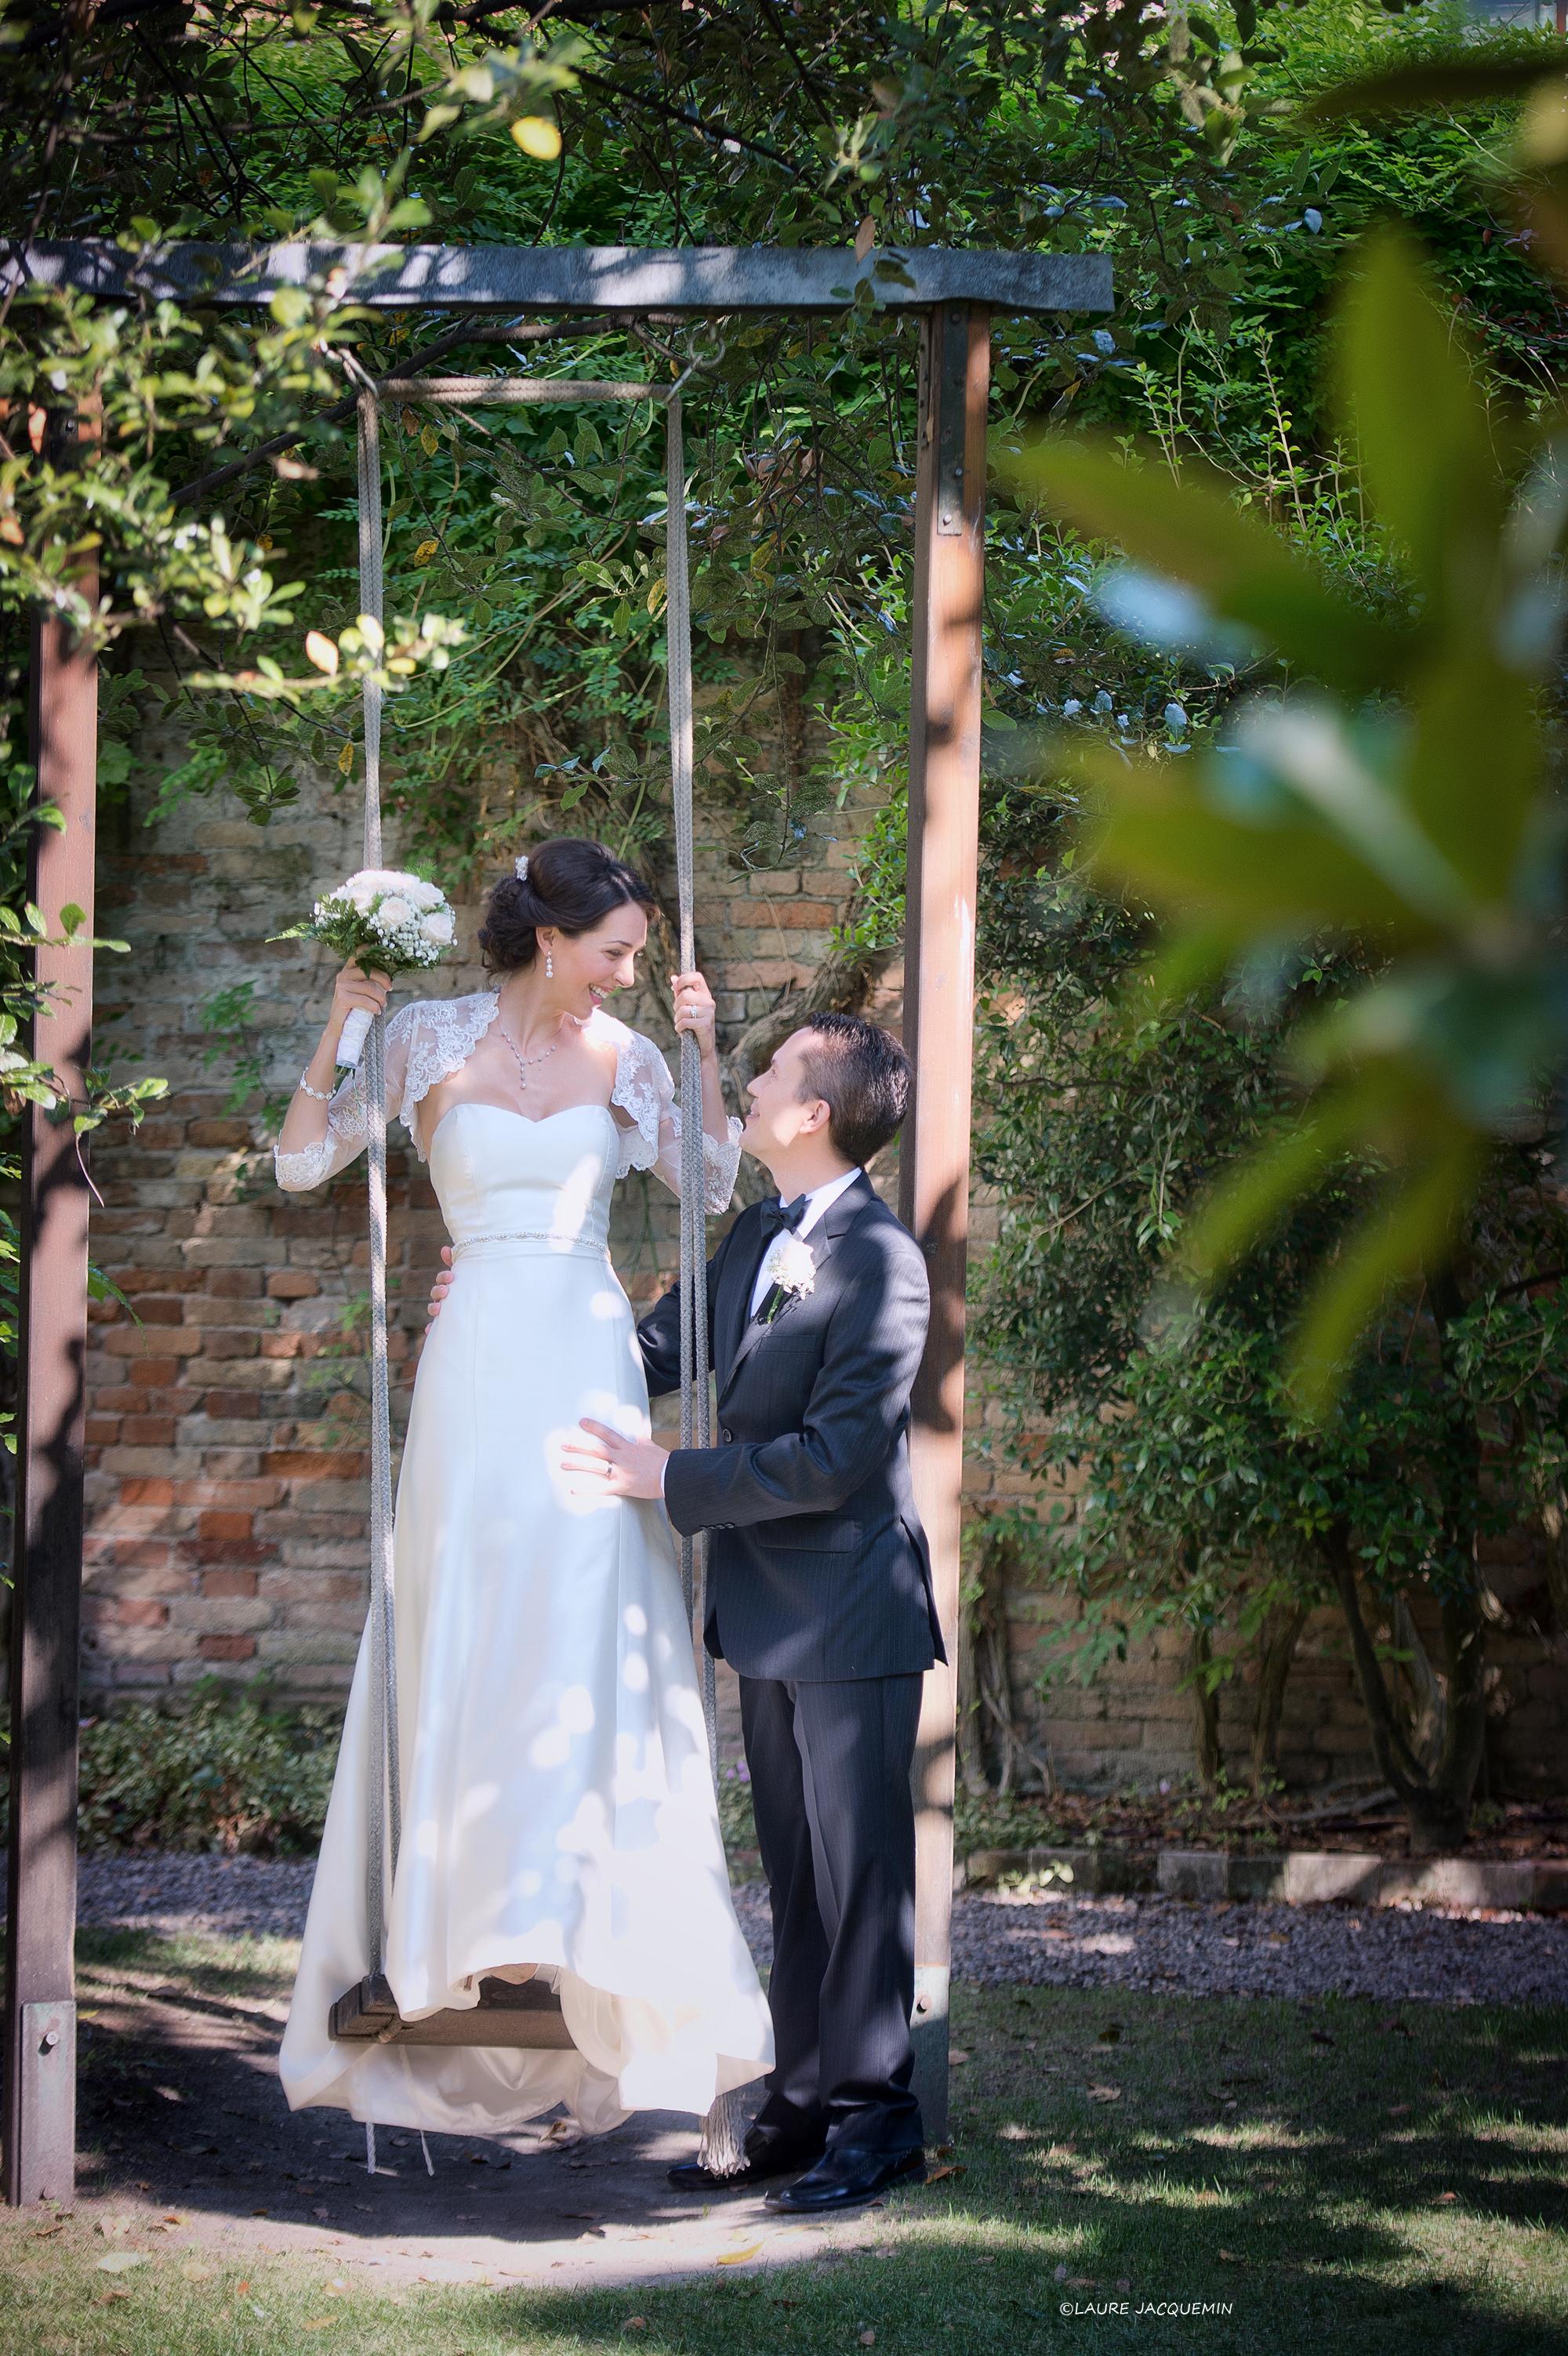 venise mariage photographe laure Jacquemin simbolique jardin venitien gondole (98)